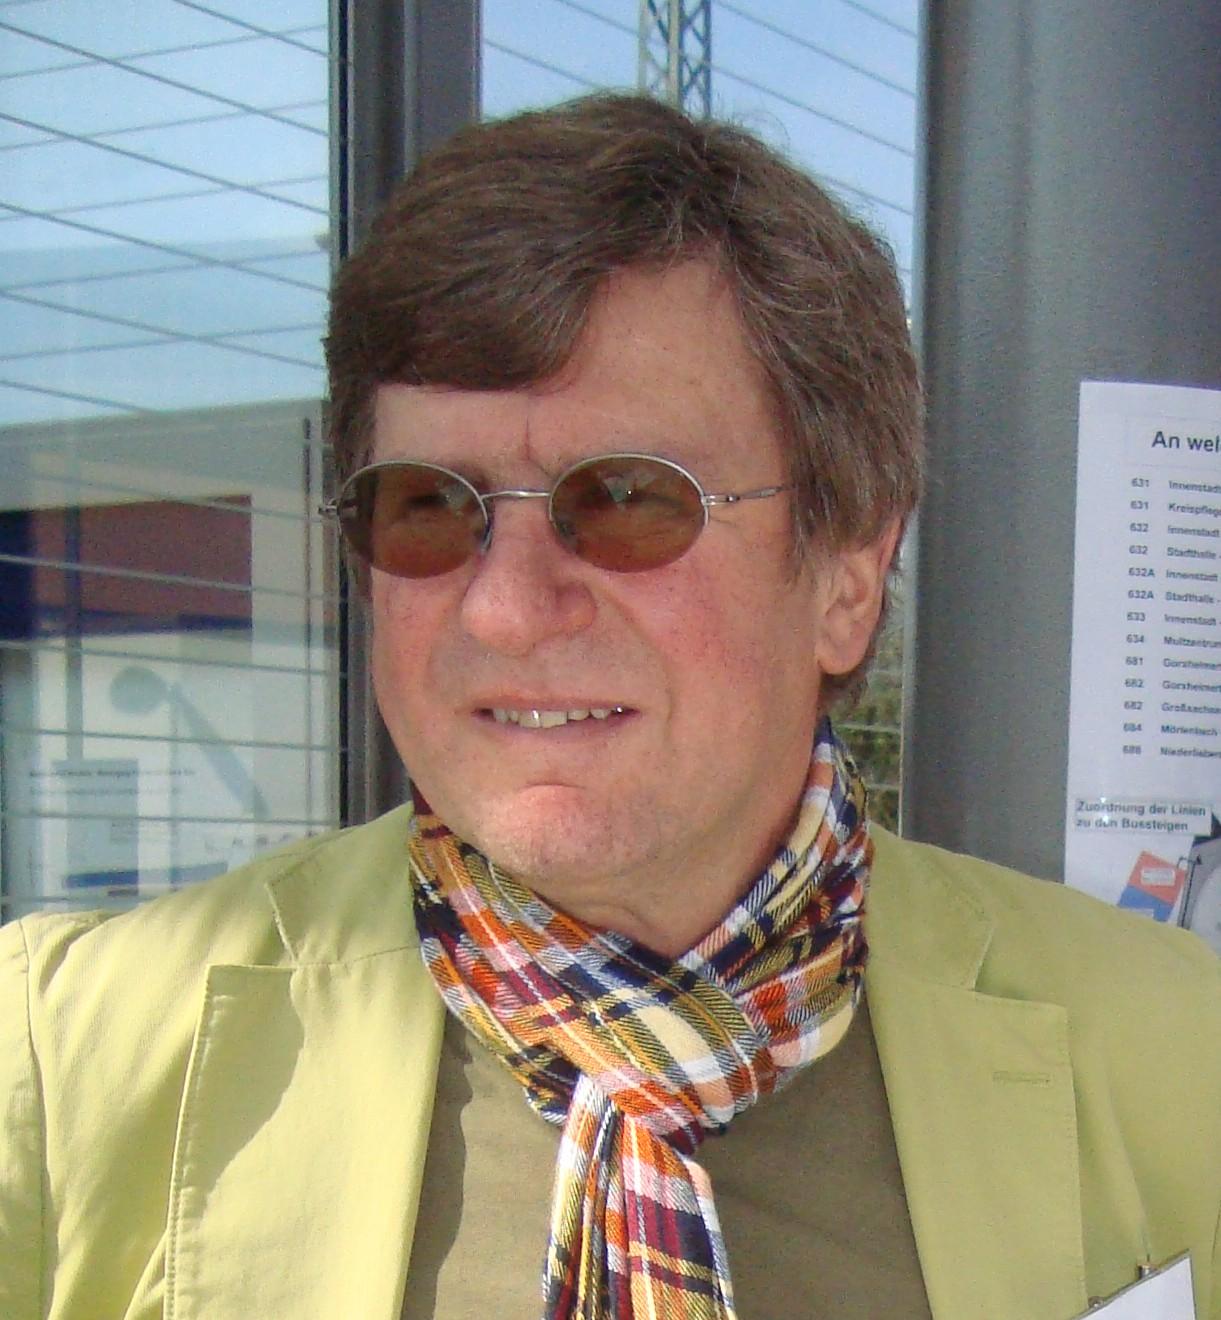 Dr. Boguslawski am RTE Stand